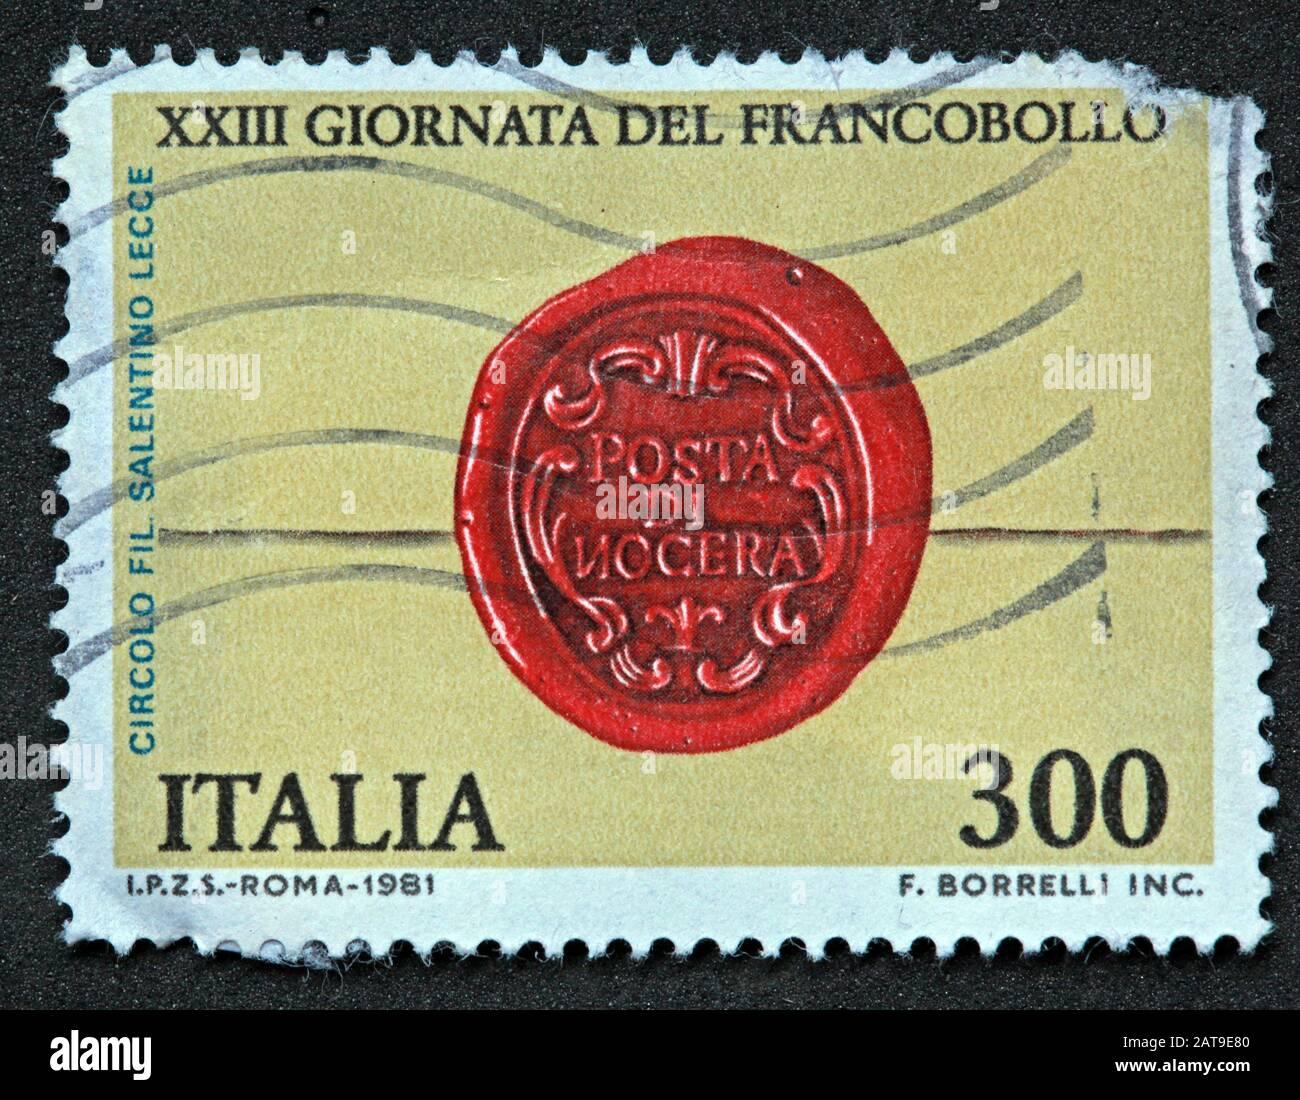 Hotpixuk,@Hotpixuk,GoTonySmith,stamp,postal,franked,frank,used stamps,used franked,used,franked stamp,from envelope,history,historic,old,Italy,Italian,Italia,Italy Stamp,italian stamp,franked Italian stamp,used Italian stamp,Italy stamp,Italia 300lire Roma,300L,Italia 300lire,Roma,1981,f.Borrelli Inc,XXIII